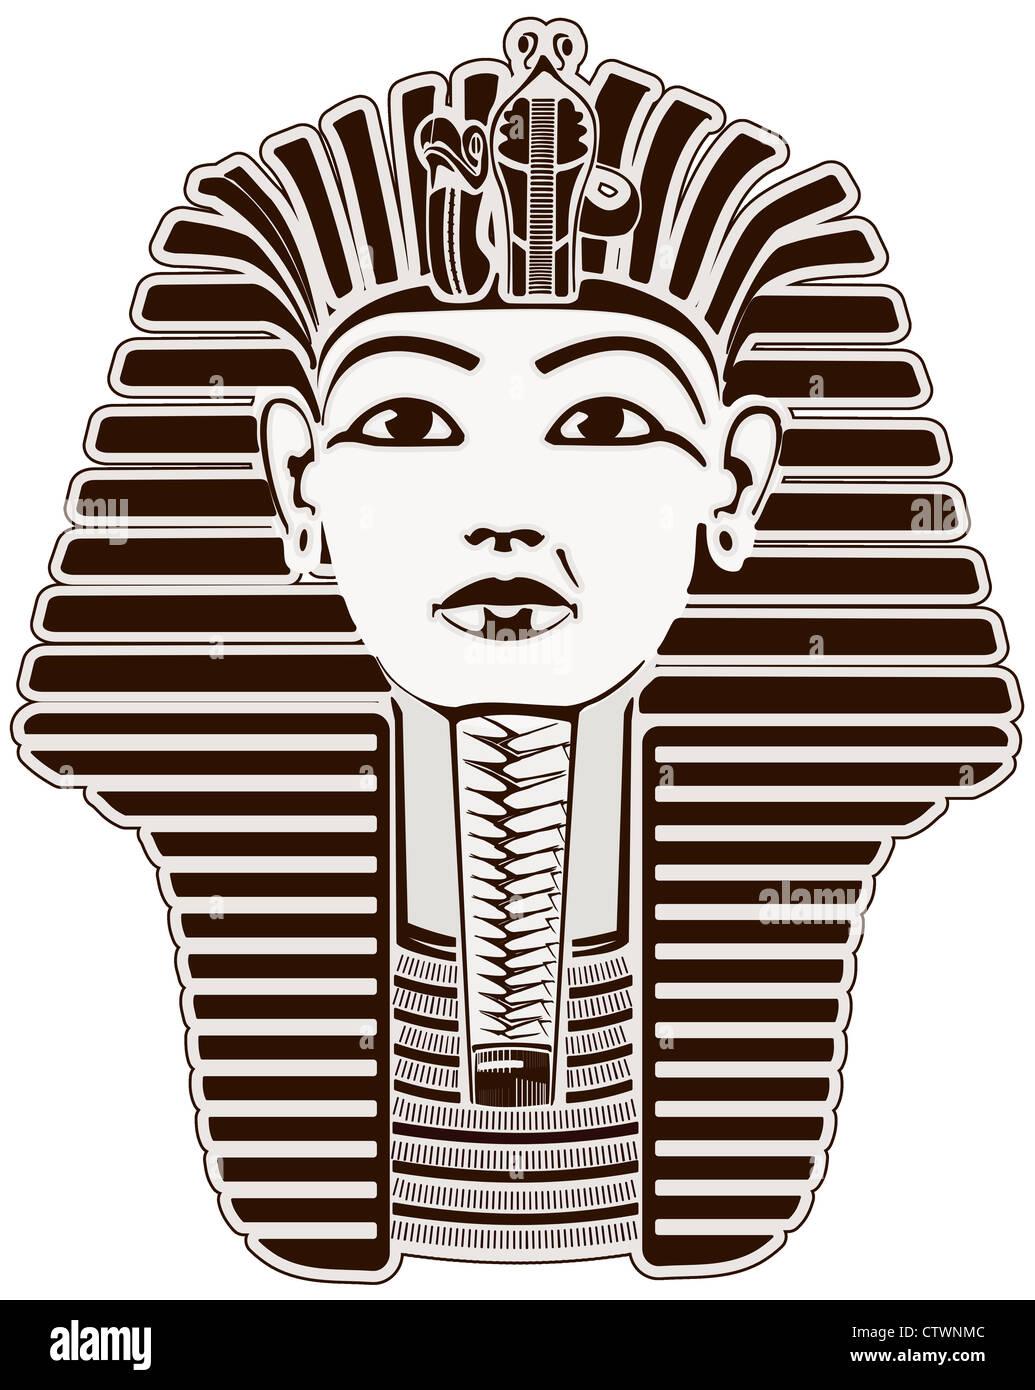 King Tut pharaoh, Egypt. Tutankhamun sphinx face mask outline - Stock Image